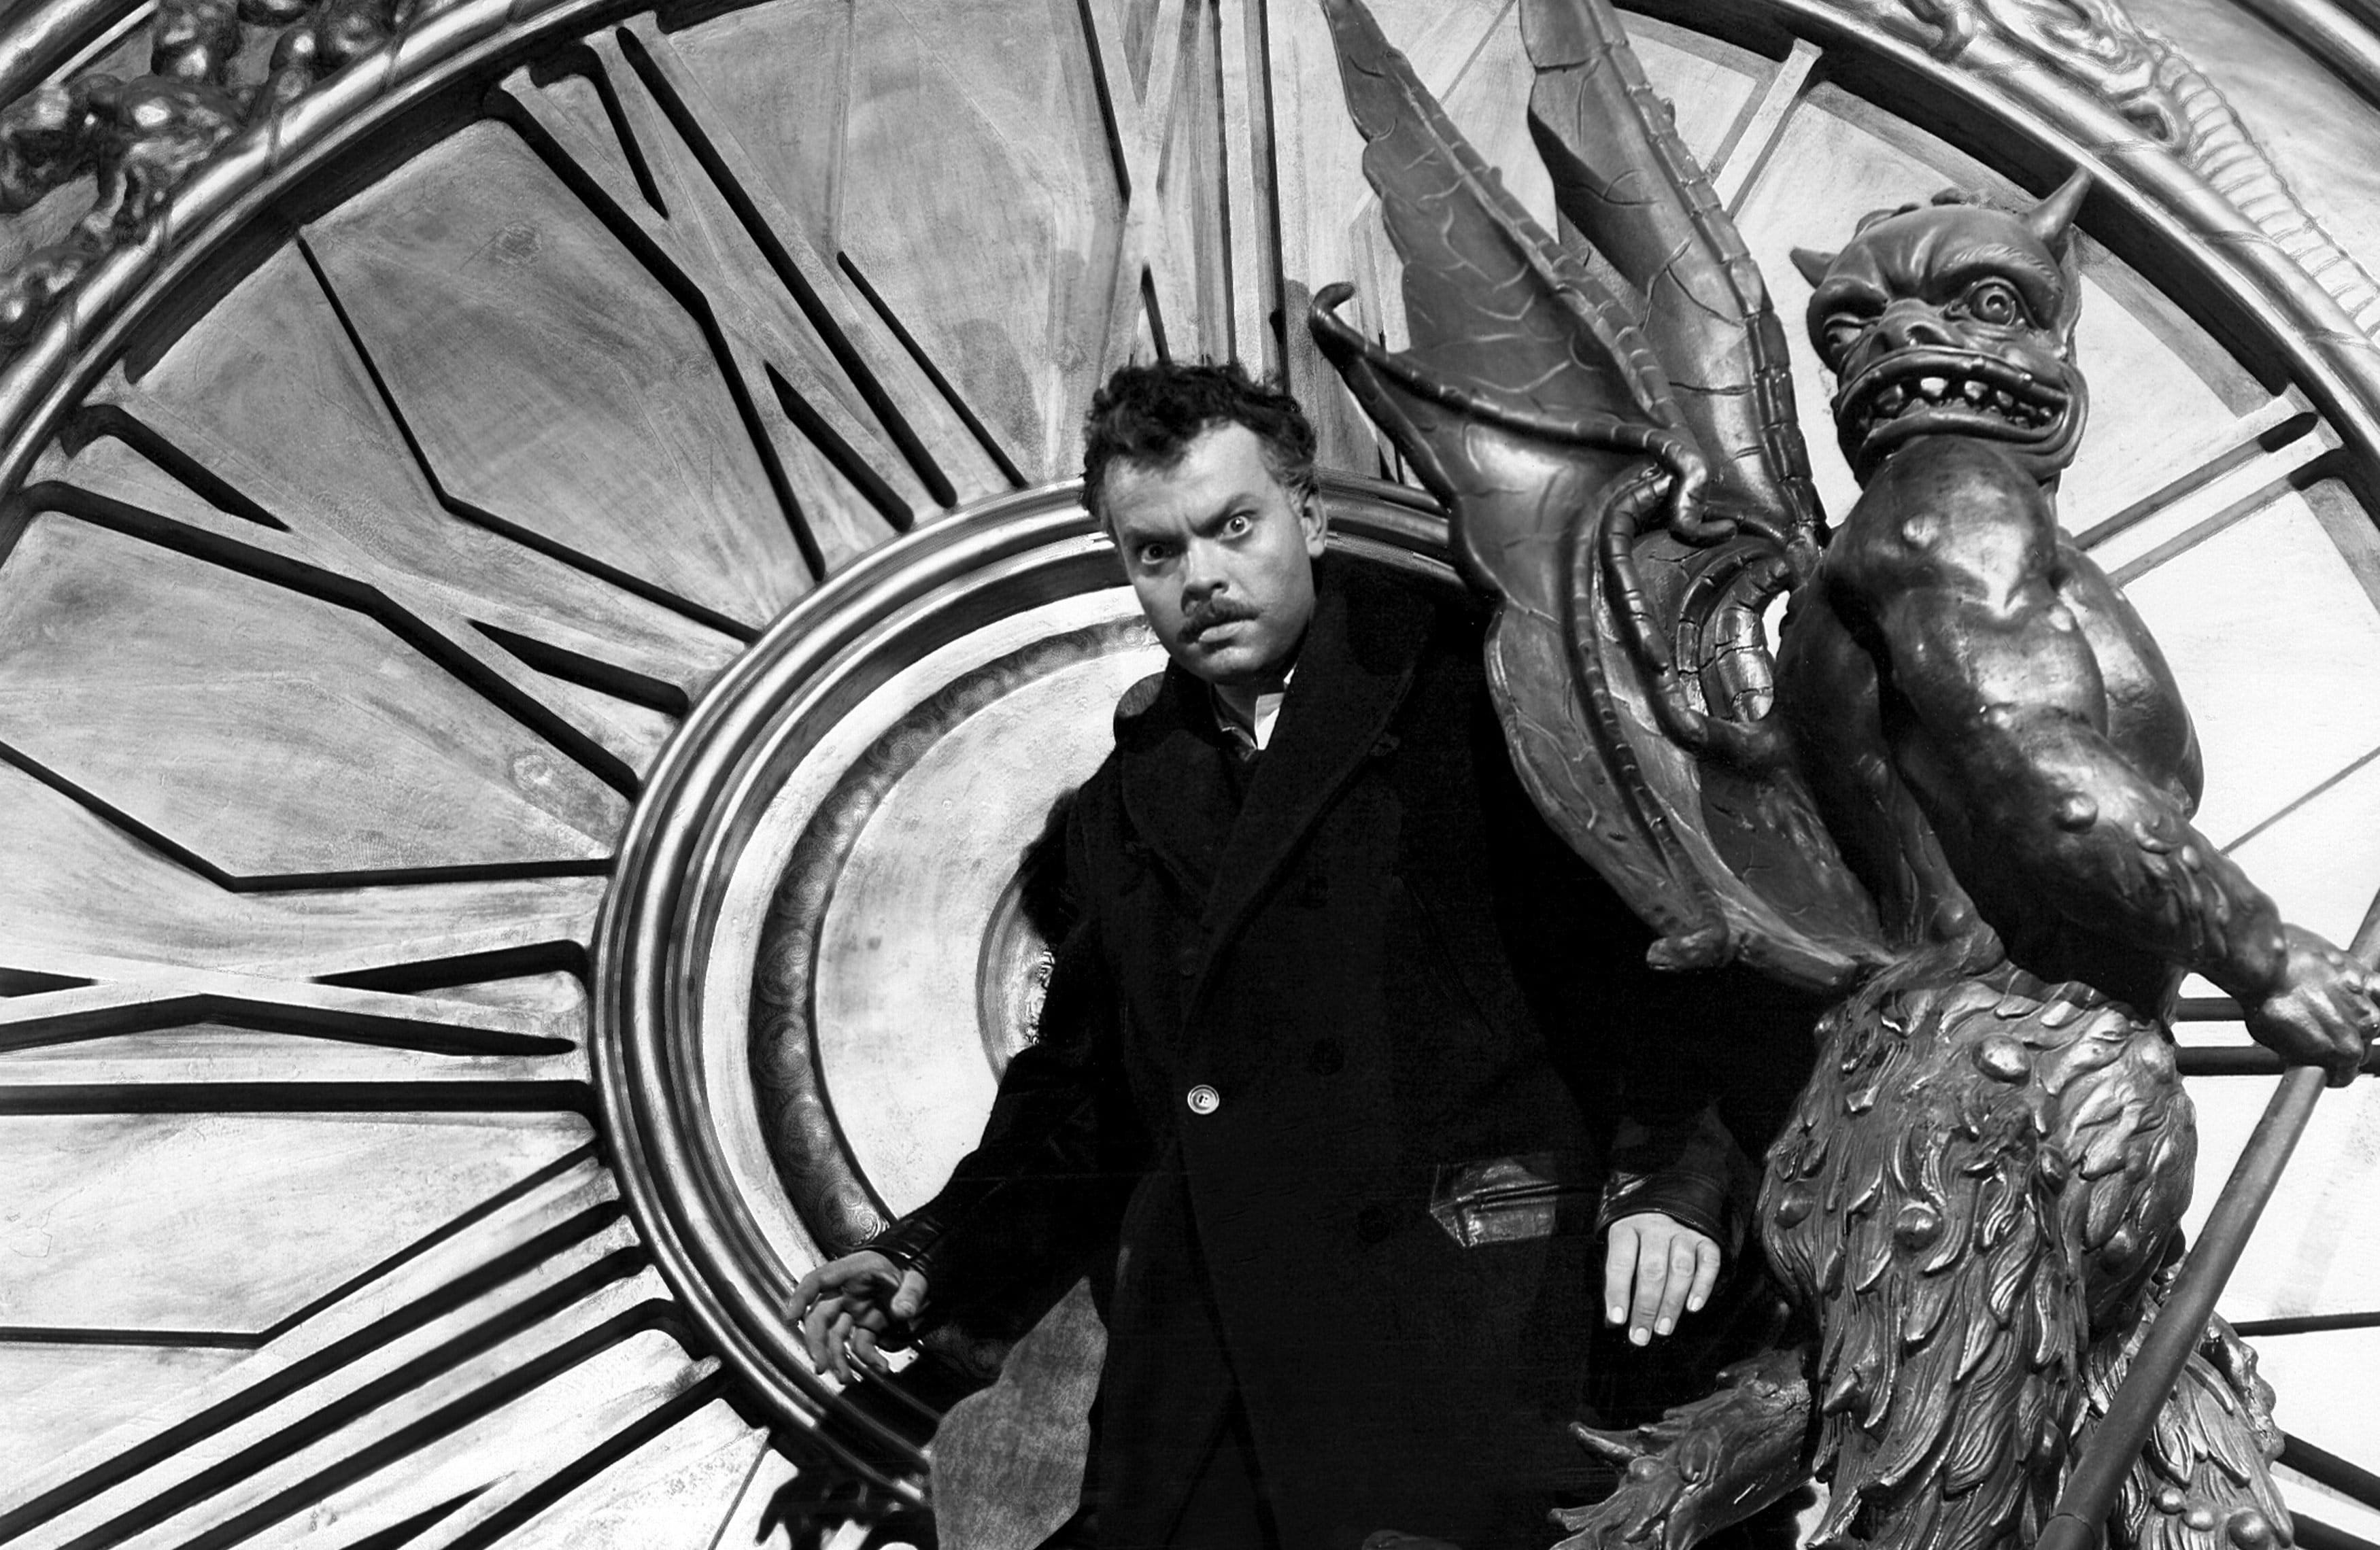 Orson Welles in The Stranger (1946)